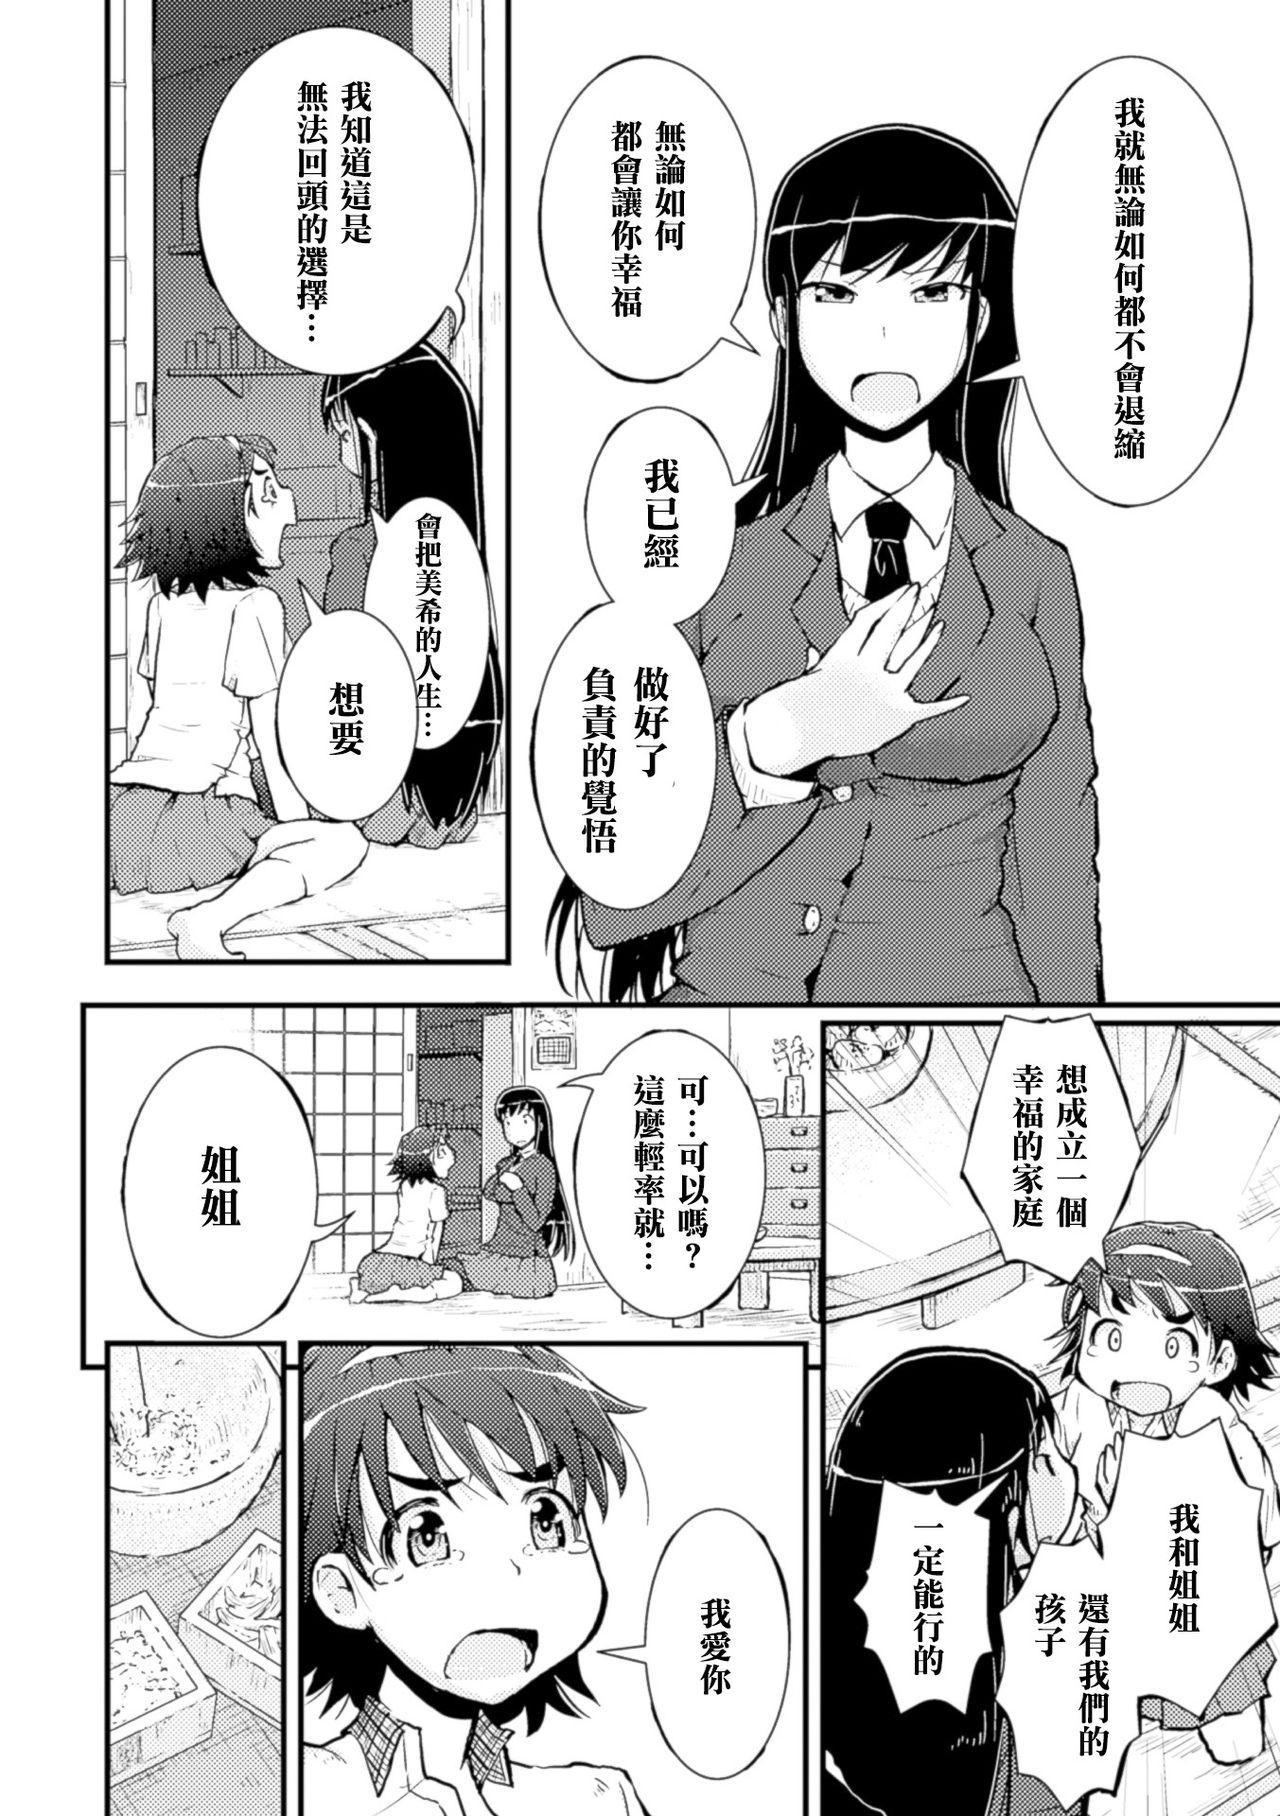 Amayuri no Tane to Yamamoto Shimai 10